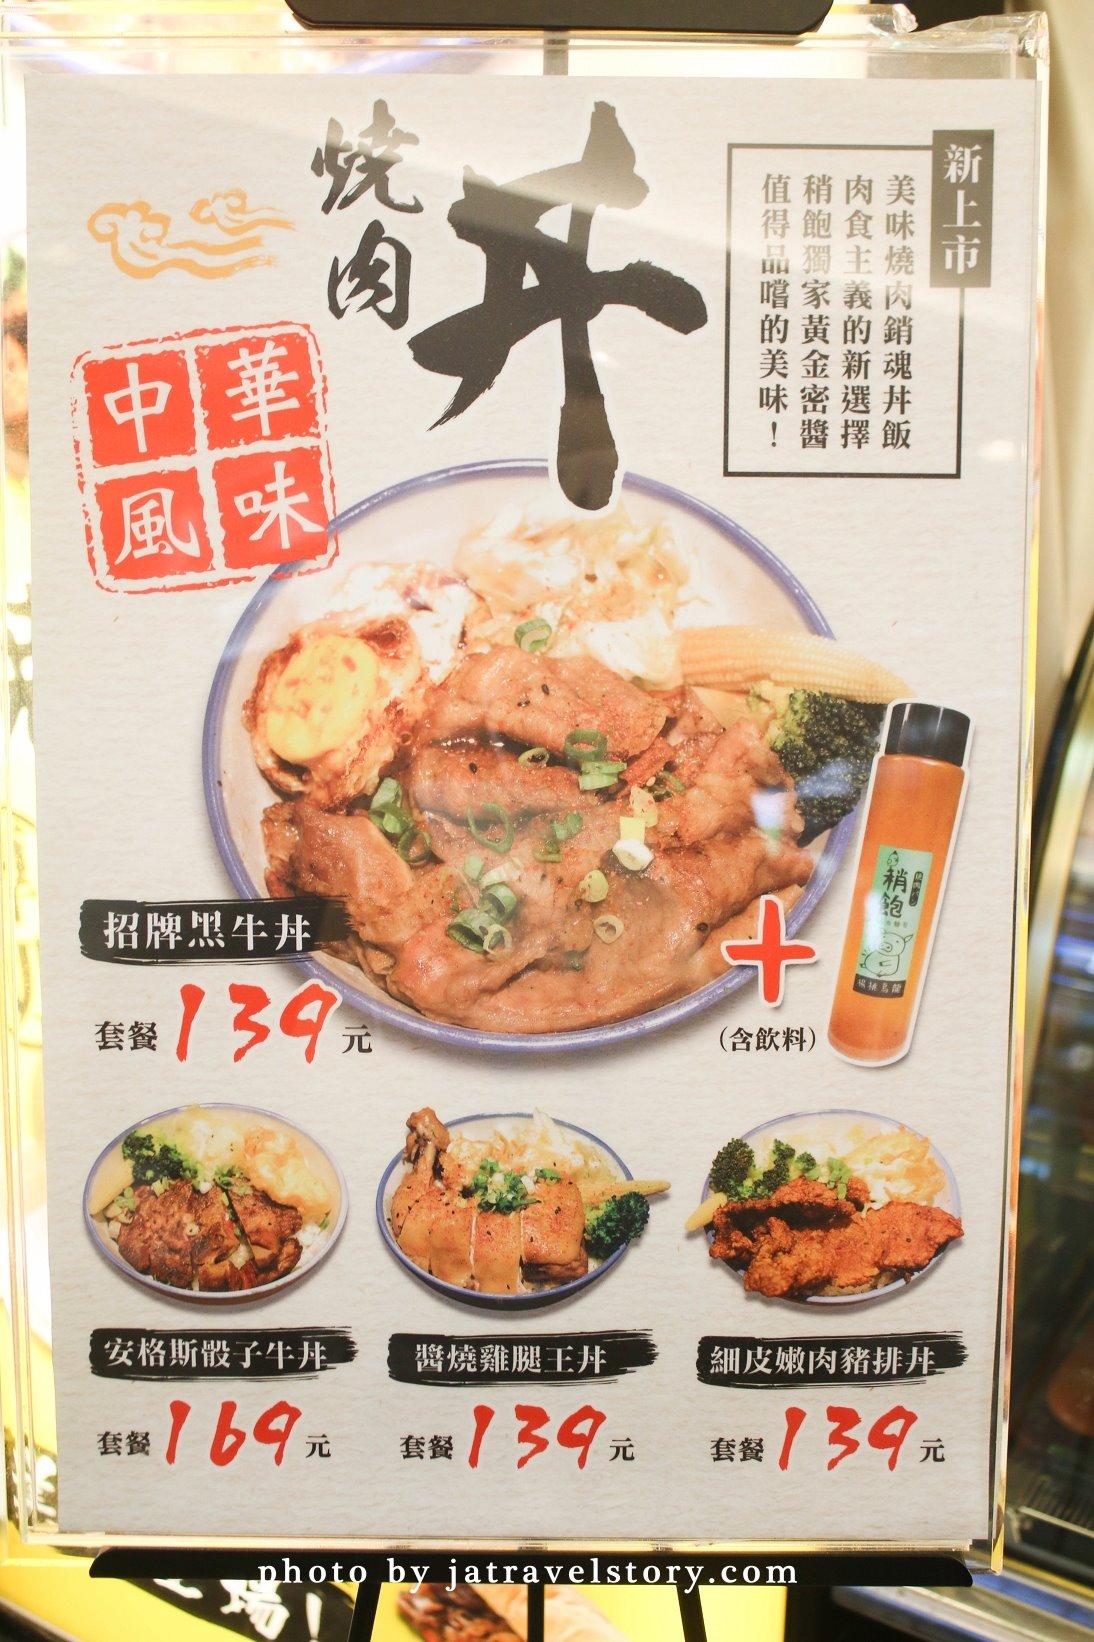 稍飽燒肉廚房 燒肉麵包-鹹香燒肉丼110元起!【台北車站】 @J&A的旅行